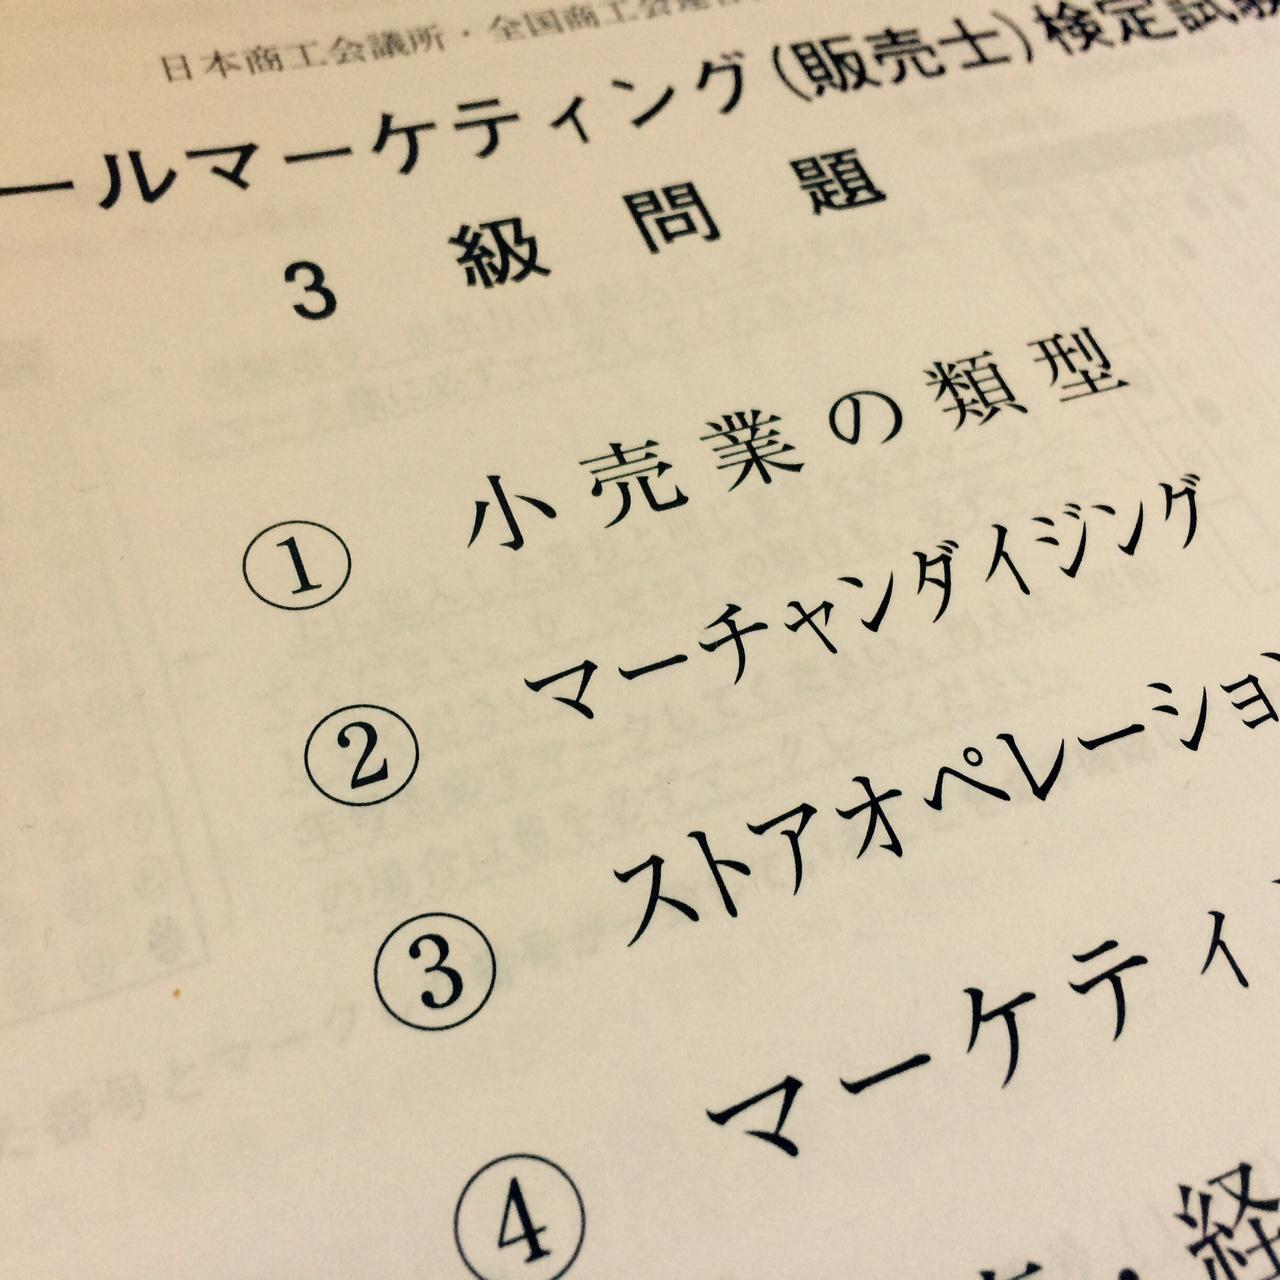 1日で合格!販売士検定で重要なポイントと勉強法!